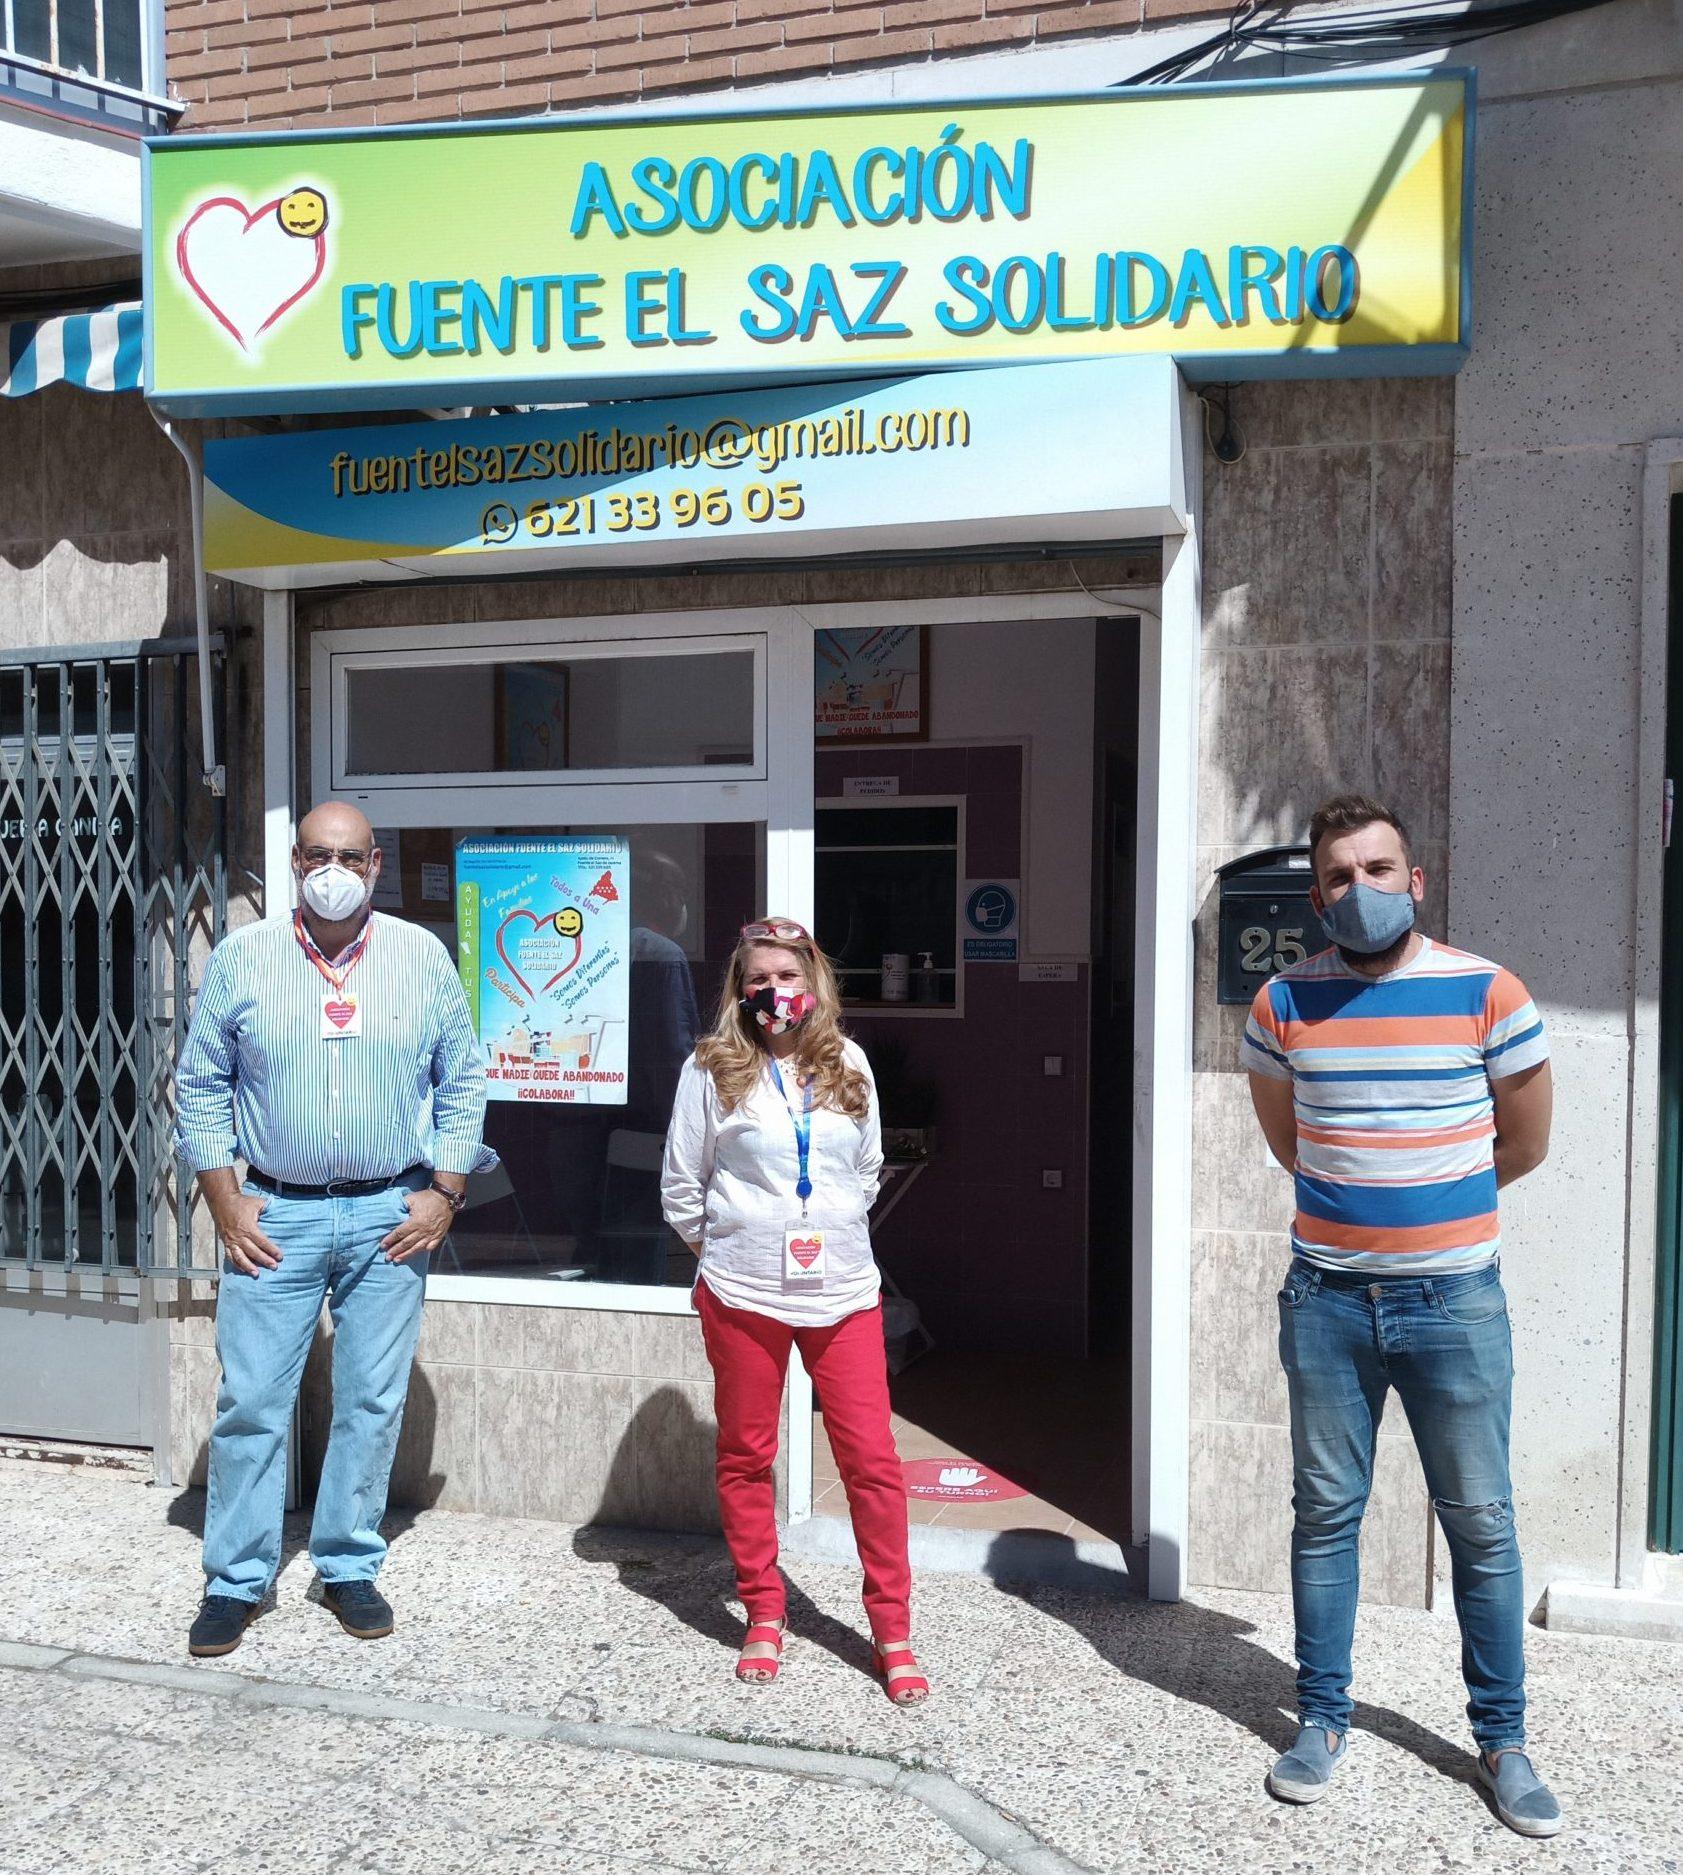 De izquierda a derecha: Eduardo de Quintos, vocal de proyección financiera y relaciones protocolarias; Almudena Martínez Rojas, presidenta de la Asociación; y Jorge Muntadas, concejal de Participación Ciudadana.